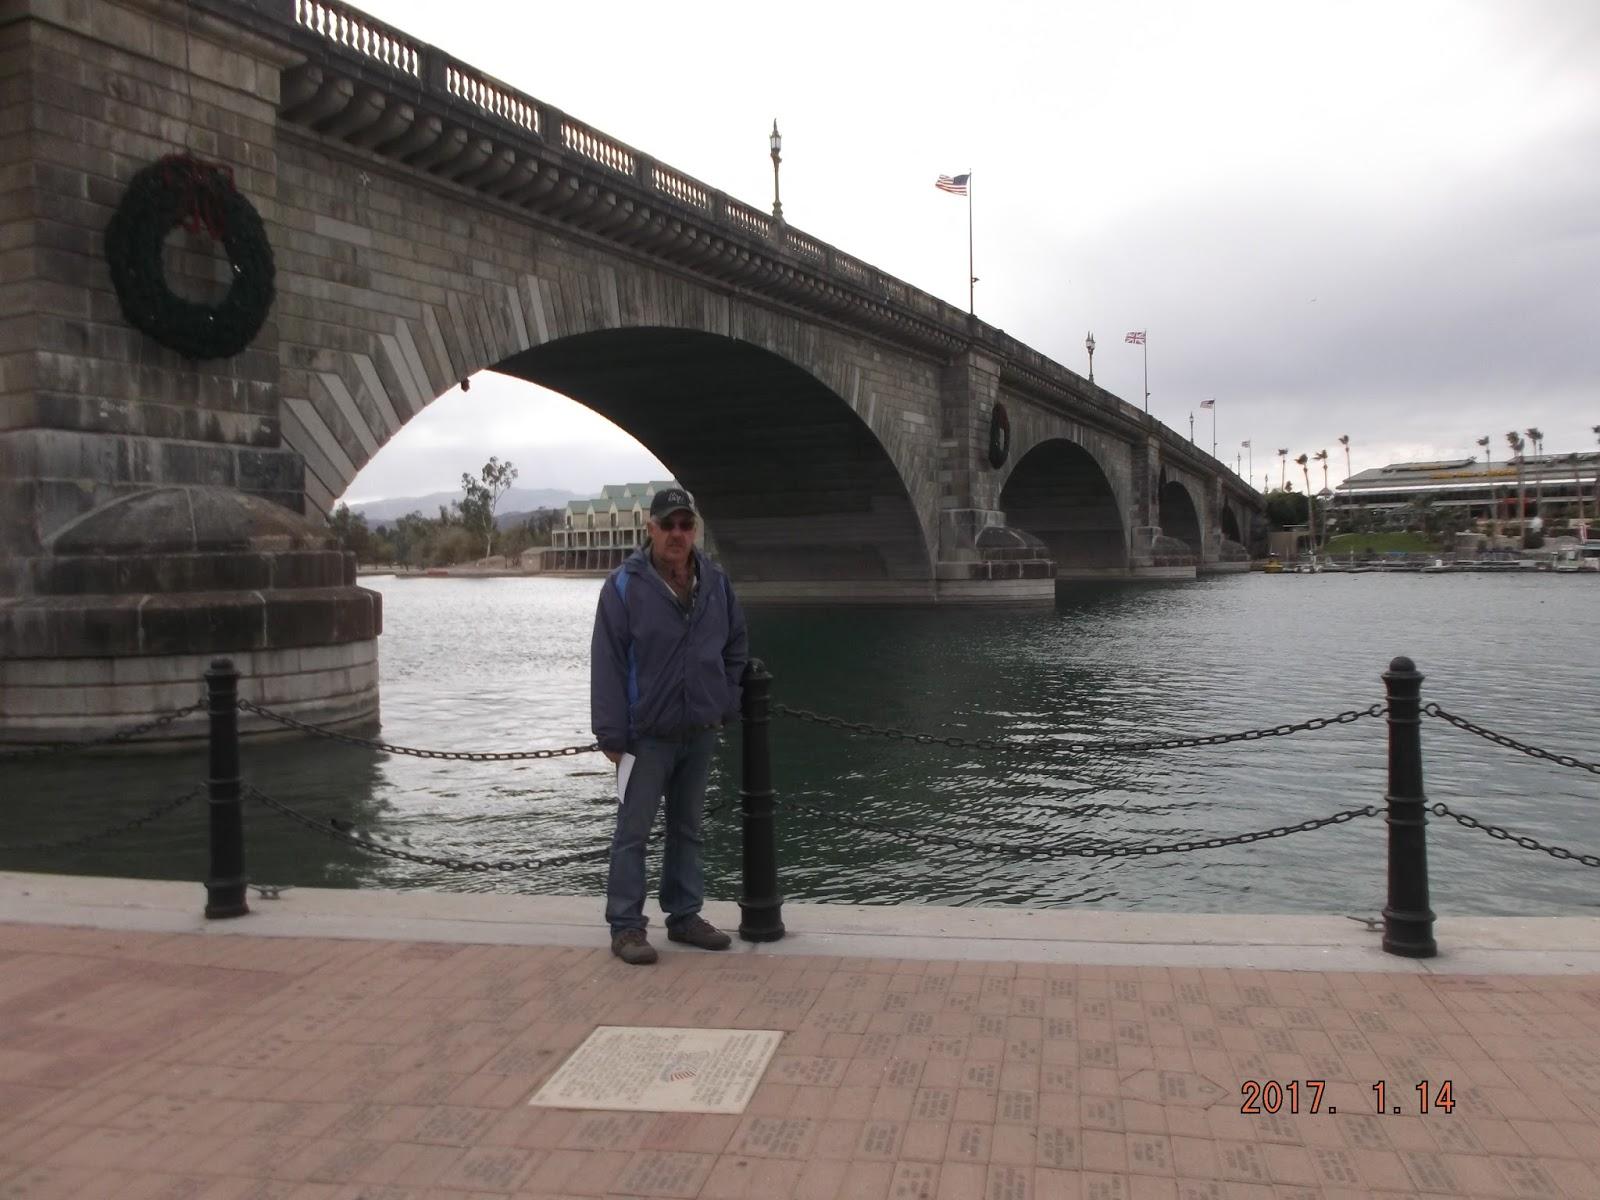 The One Income Dollar London Bridge Lake Havasu City Arizona